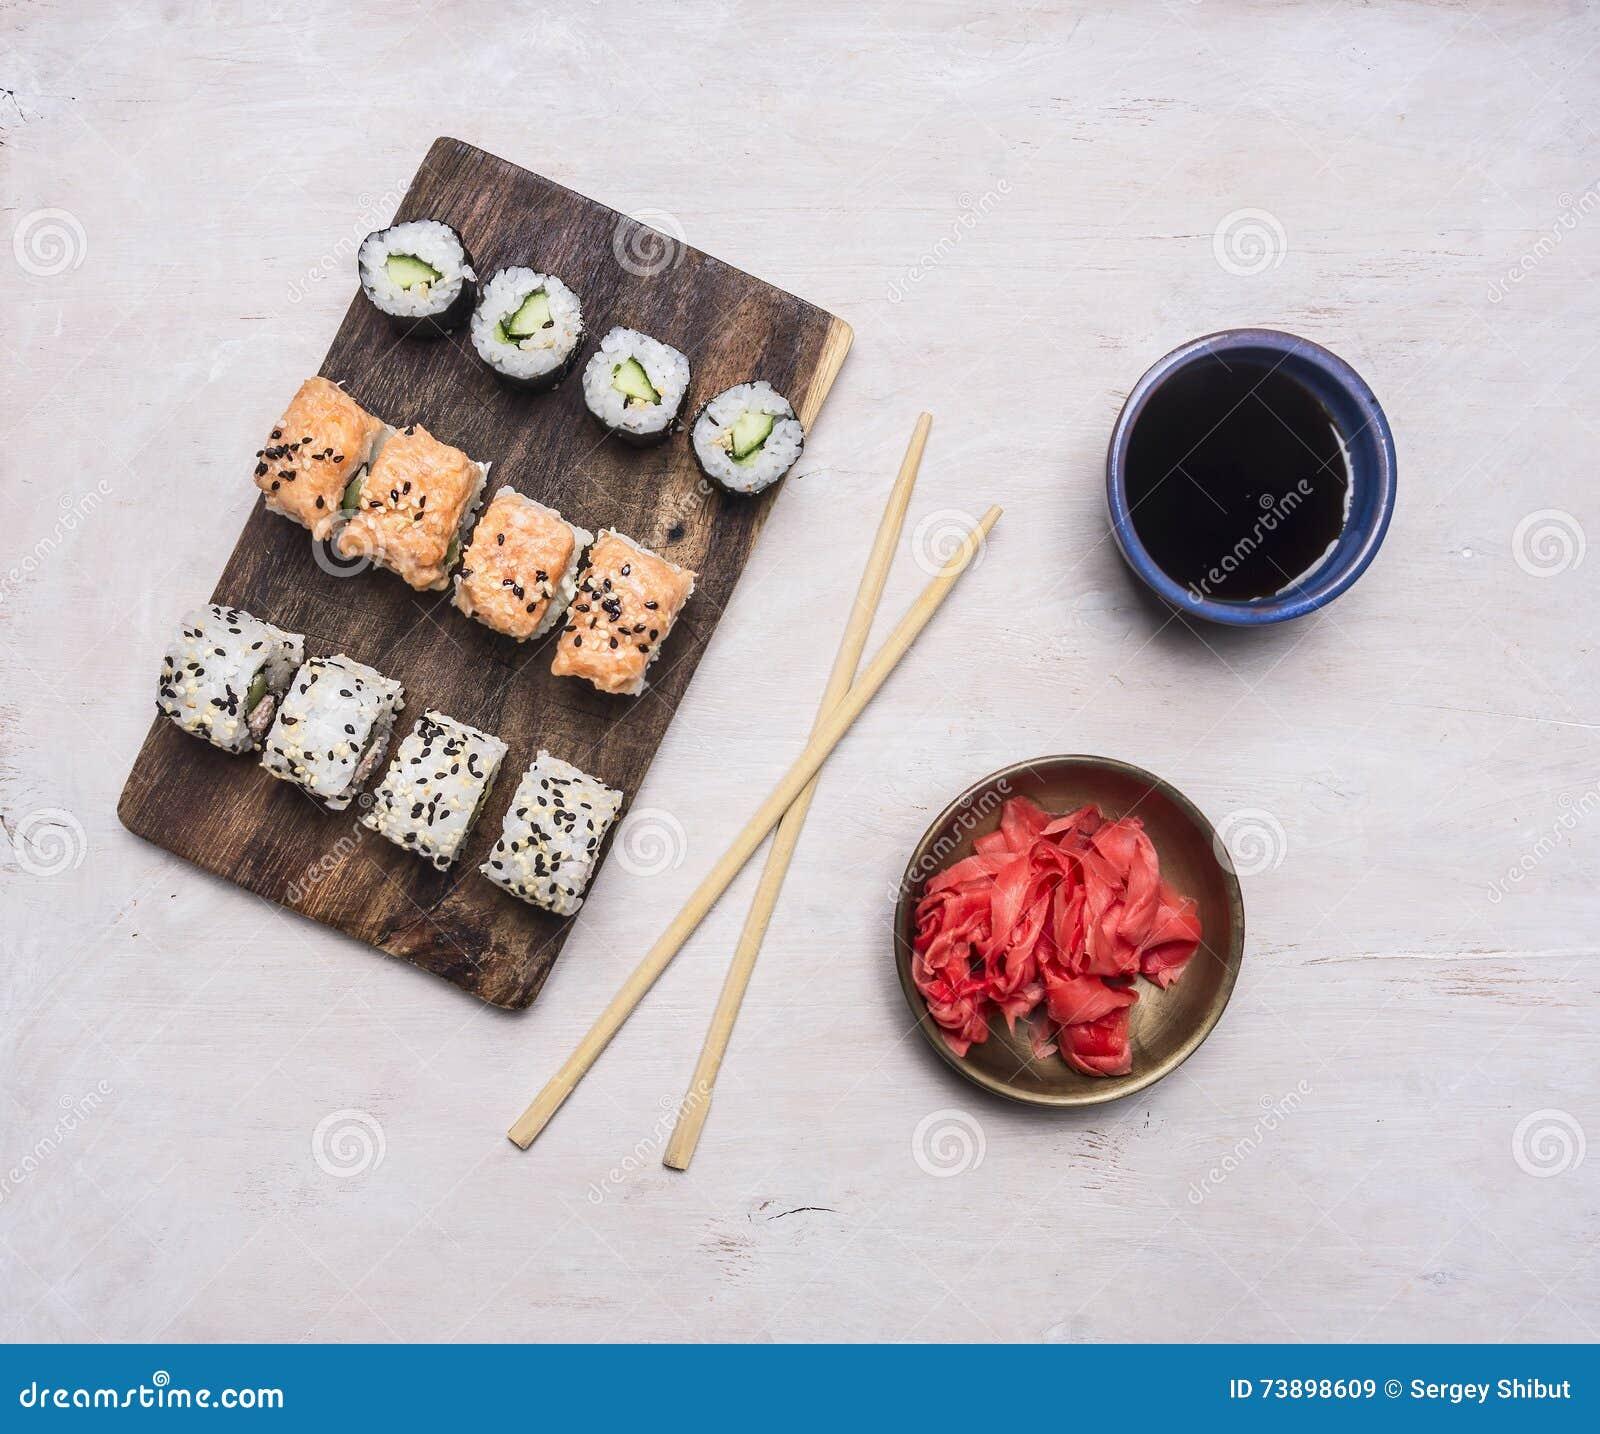 Ingwer Küche | Vielzahl Der Selbst Gemachten Sushirolle Mit Gurke Lachsen Und